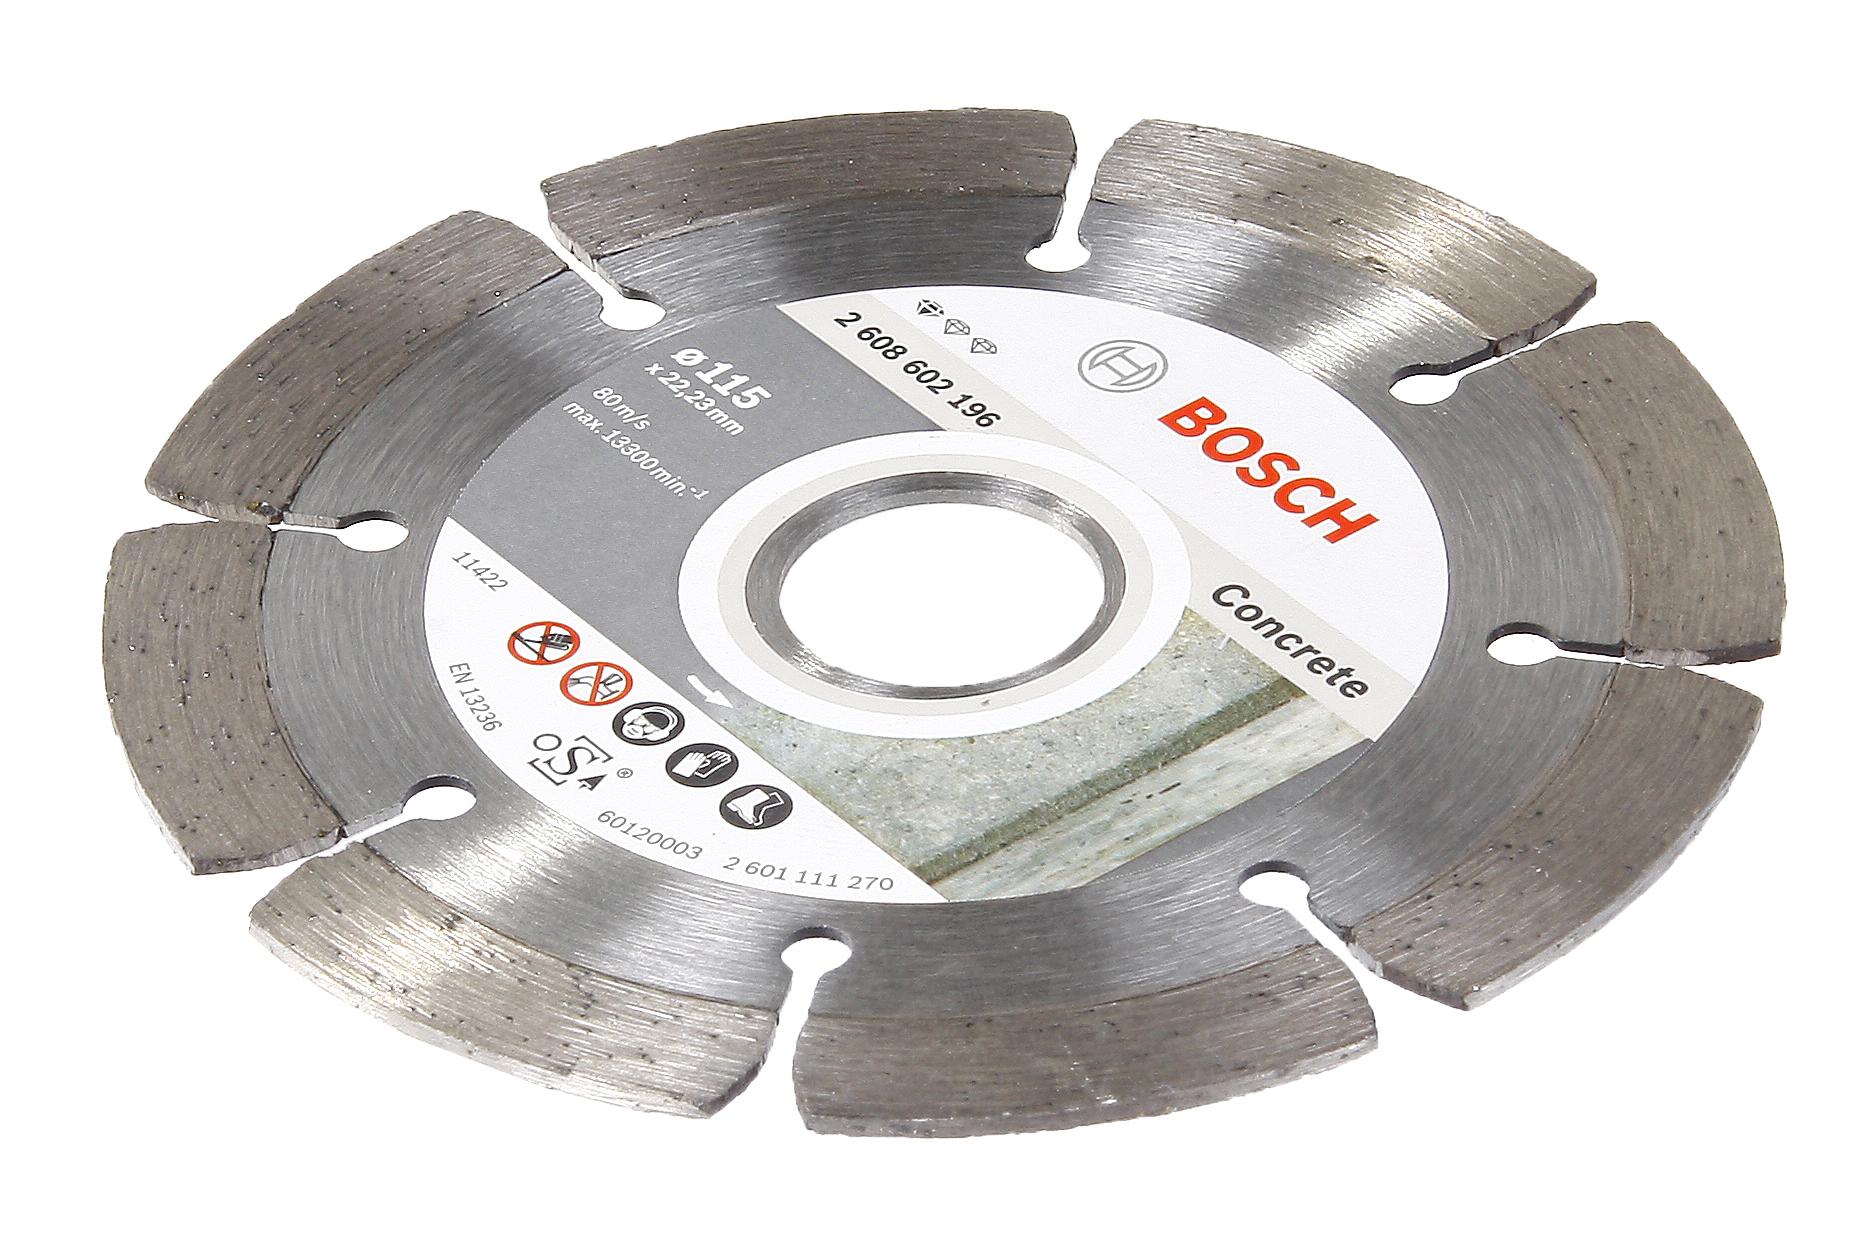 Круг алмазный Bosch Standard for concrete 180x22,2 сегмент (2.608.602.199) круг алмазный bosch expert for concrete 450x25 4 сегмент 2 608 602 563